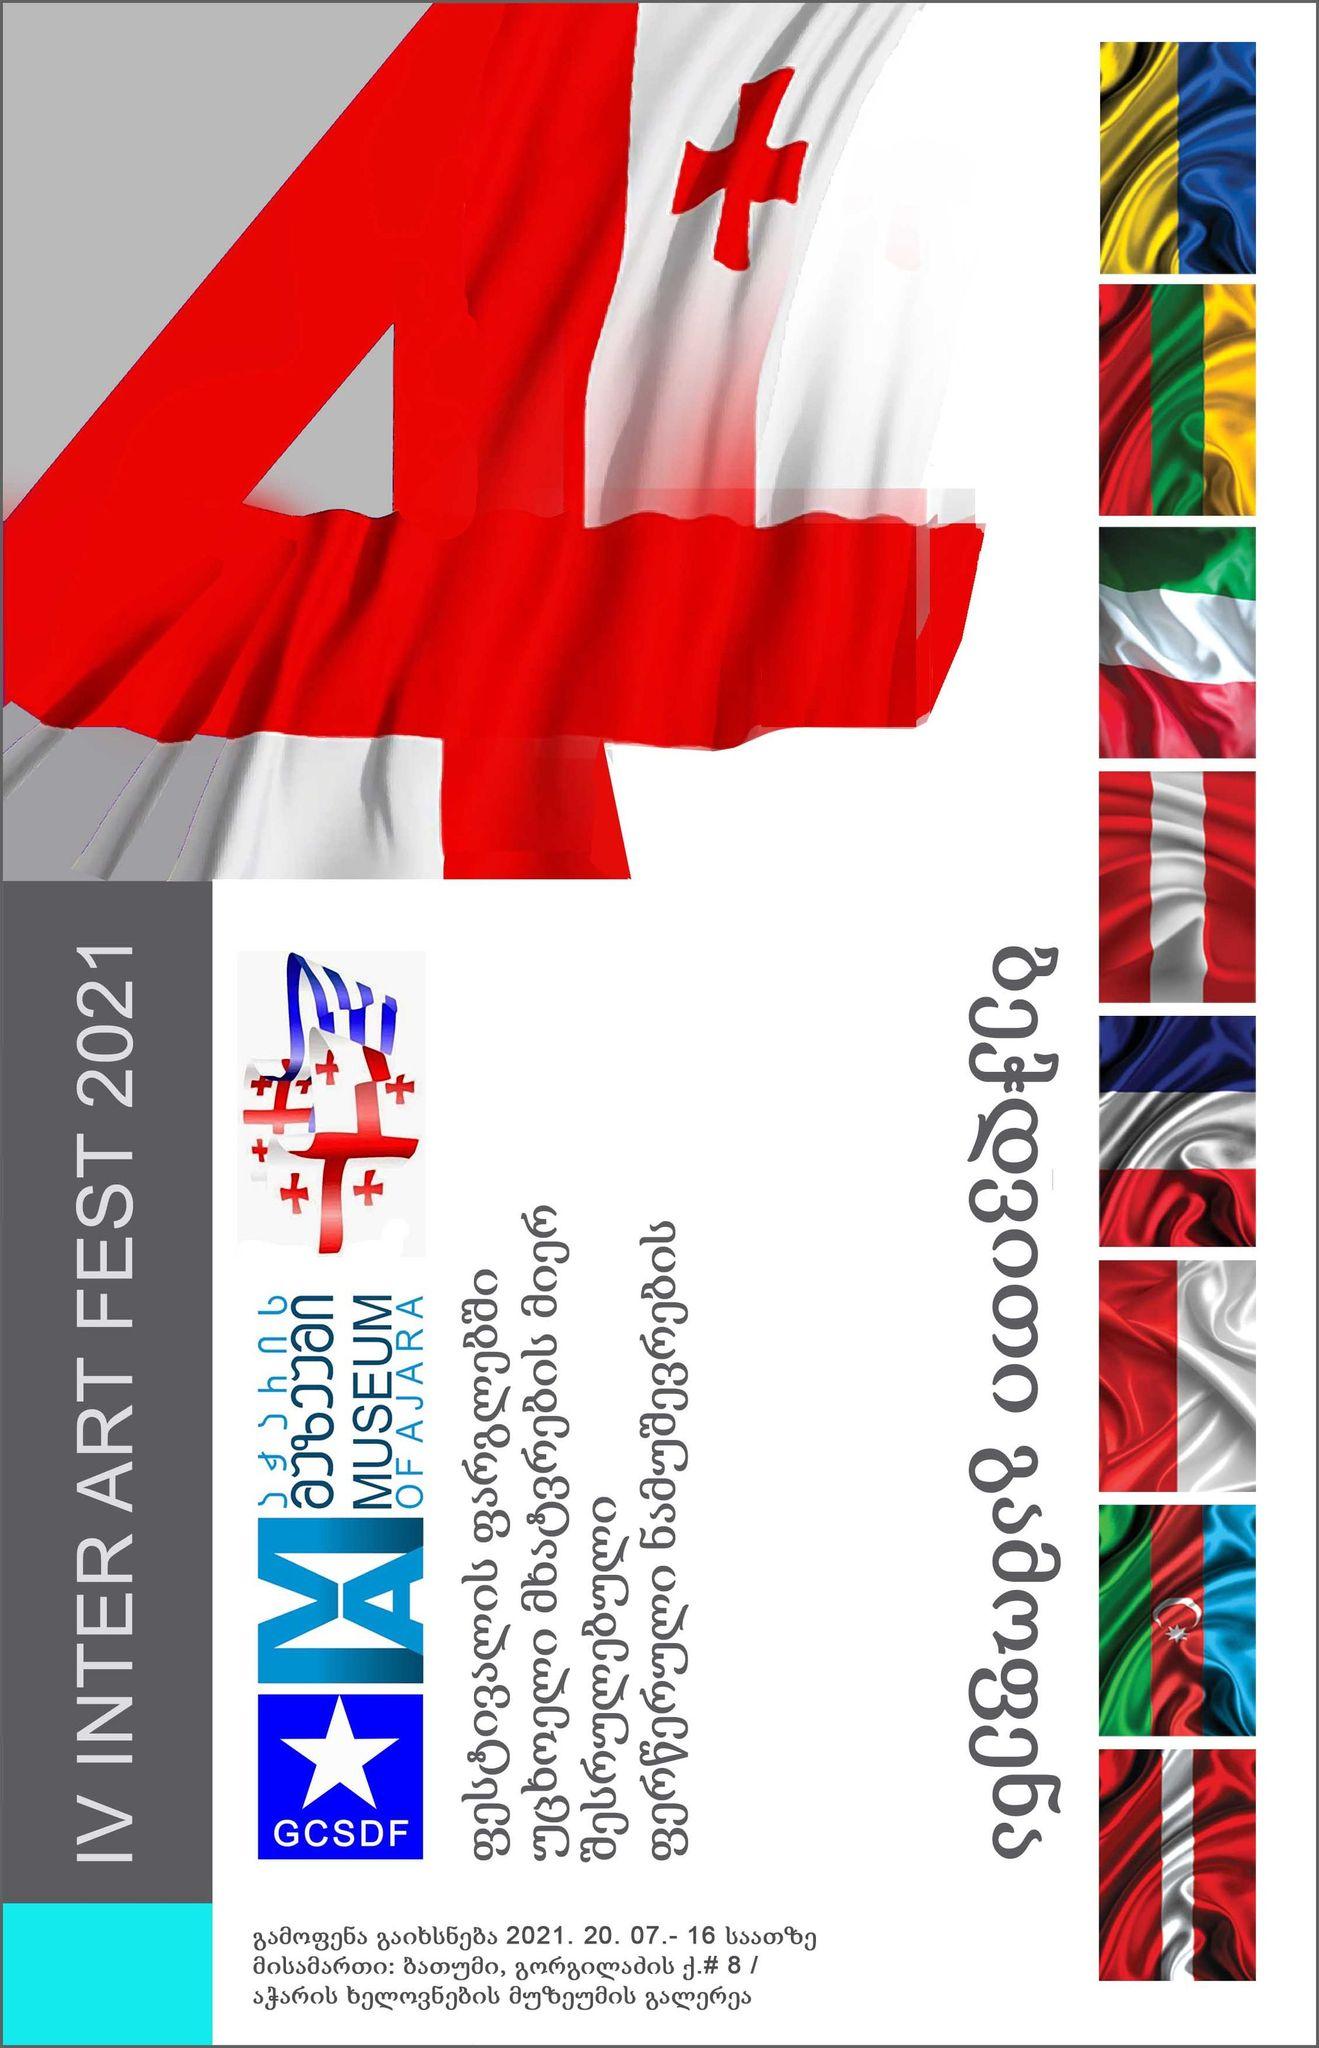 """სახვითი ხელოვნების IV საერთაშორისო ფესტივალი """"წელიწადის ოთხი დრო - მეგობრობის პალიტრა """"."""